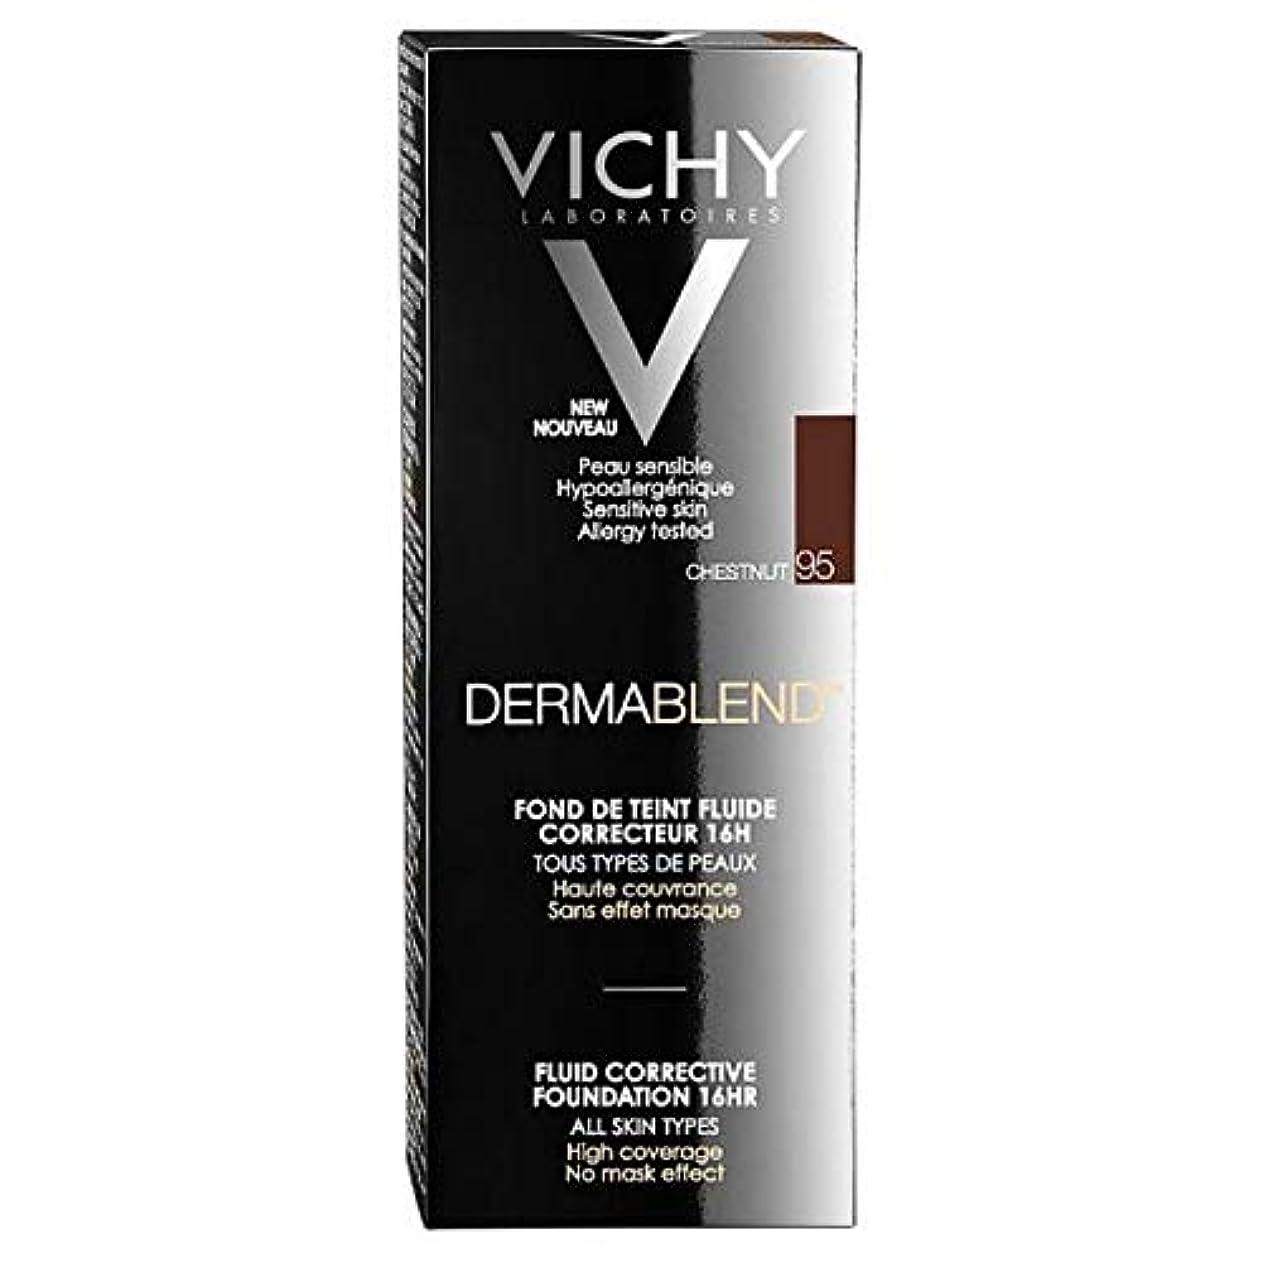 媒染剤デマンド路地[Vichy ] ヴィシーDermablend流体是正基盤95 30ミリリットル - Vichy Dermablend Fluid Corrective Foundation 95 30ml [並行輸入品]